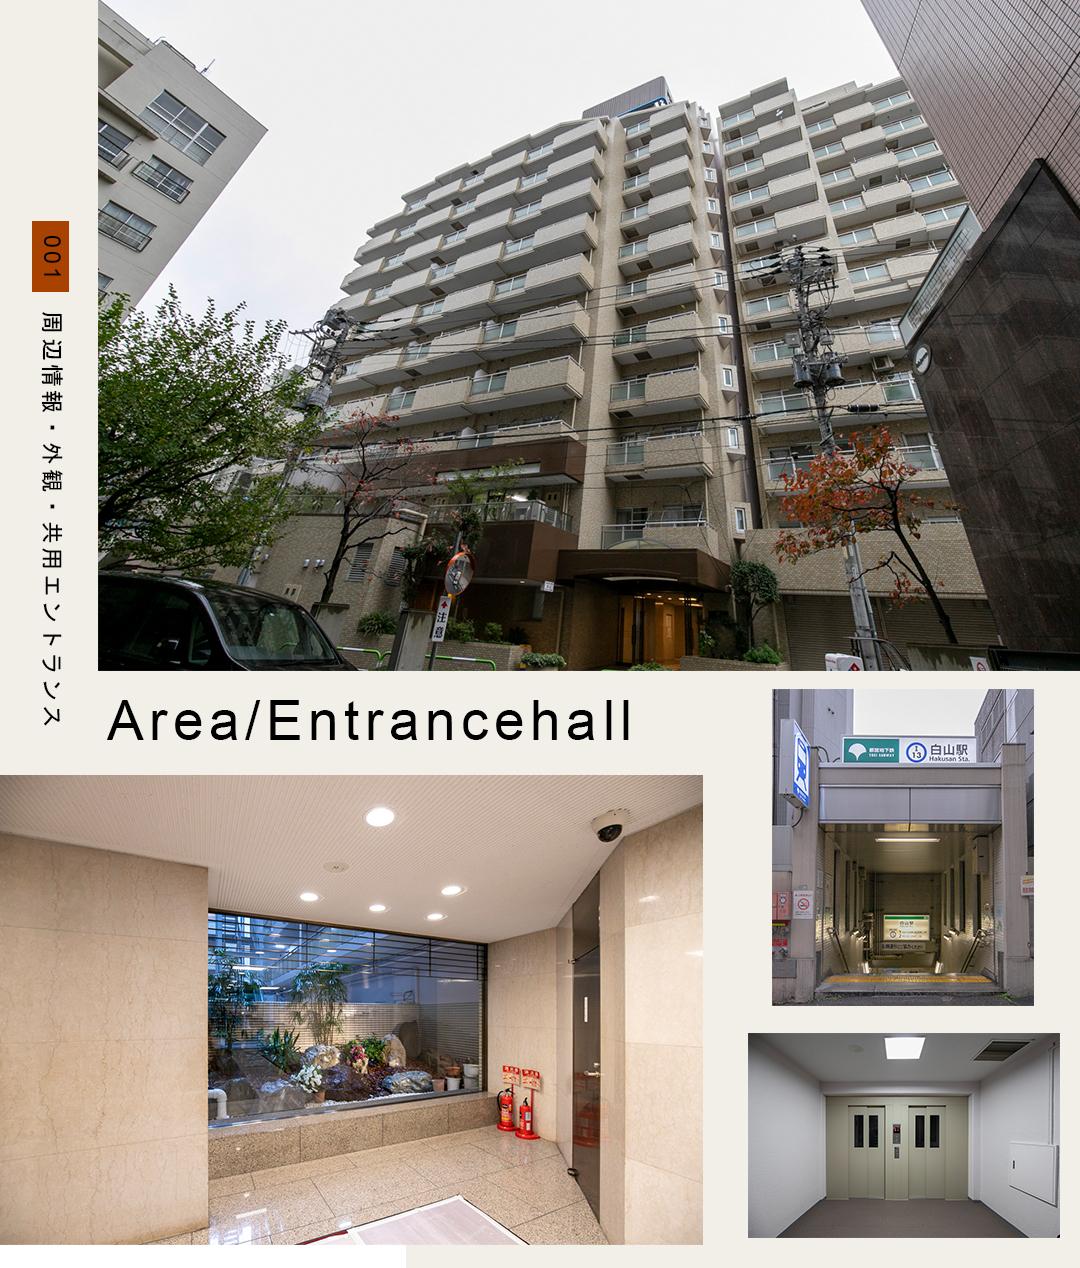 001周辺情報,外観,共用エントランス,Area,Entrancehall